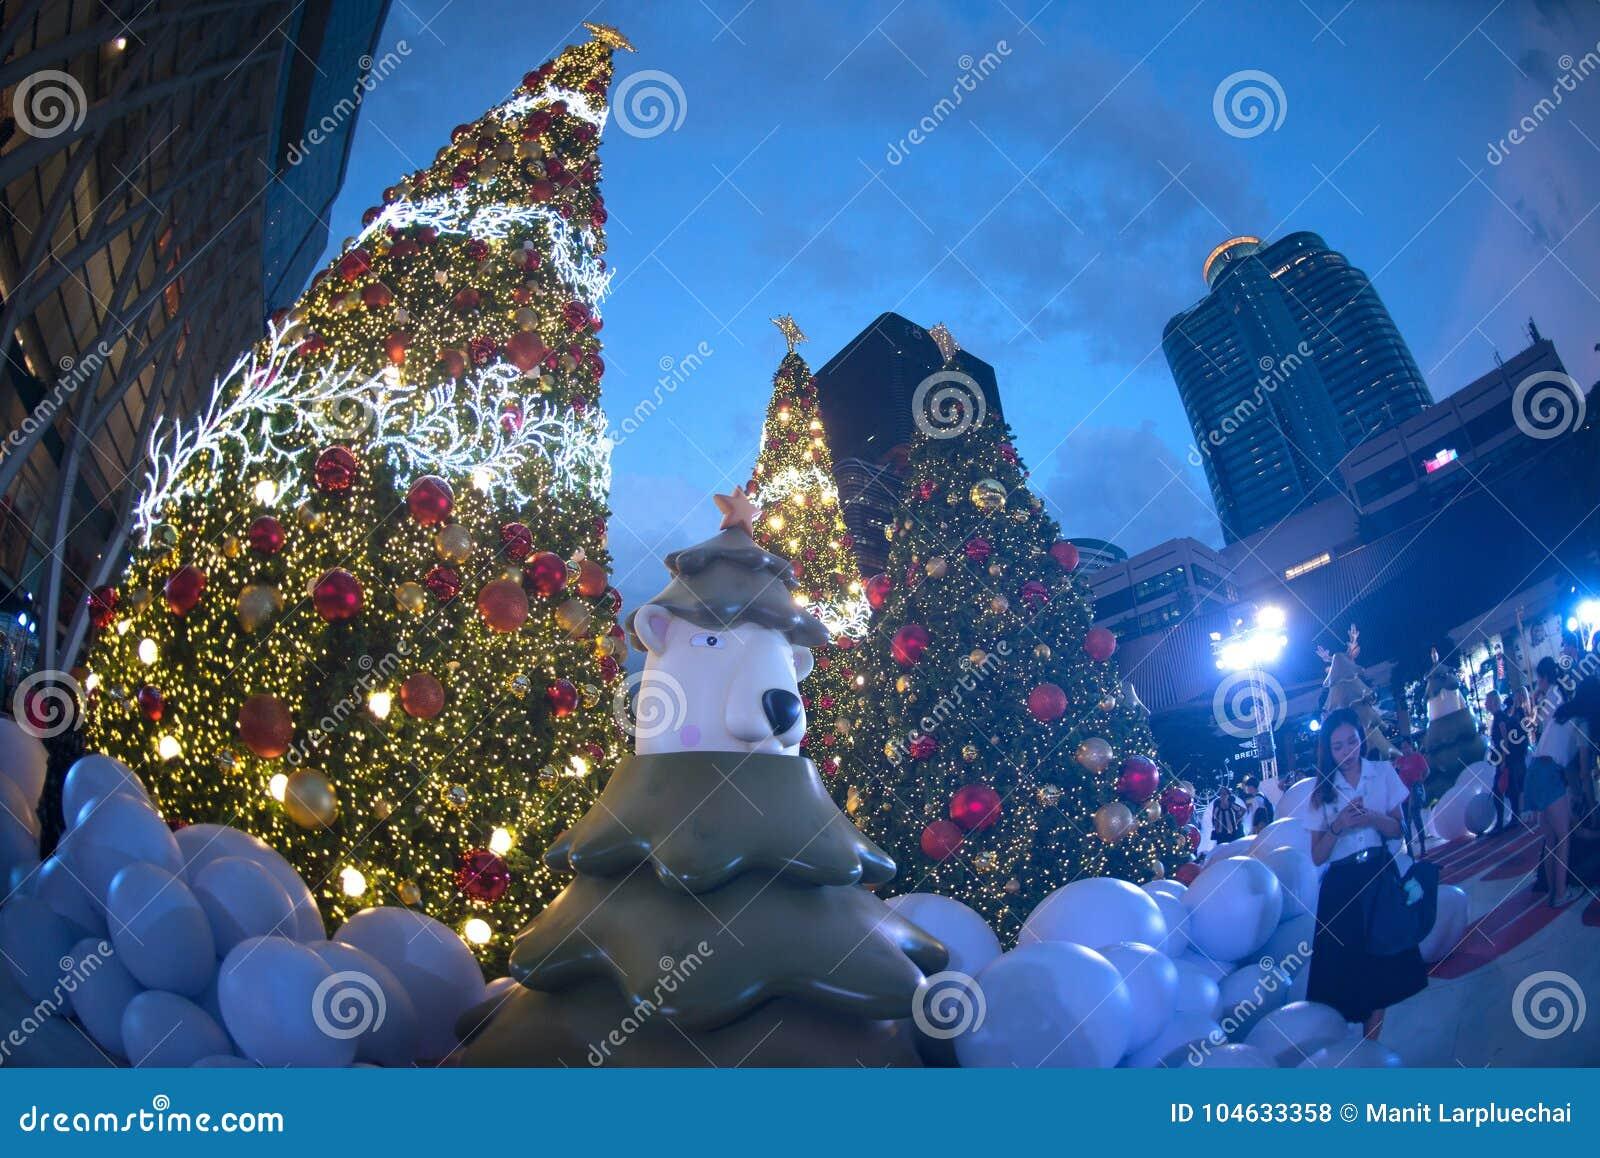 Download Het Licht Verfraait Mooi Op Kerstboomviering Redactionele Stock Foto - Afbeelding bestaande uit centrum, viering: 104633358